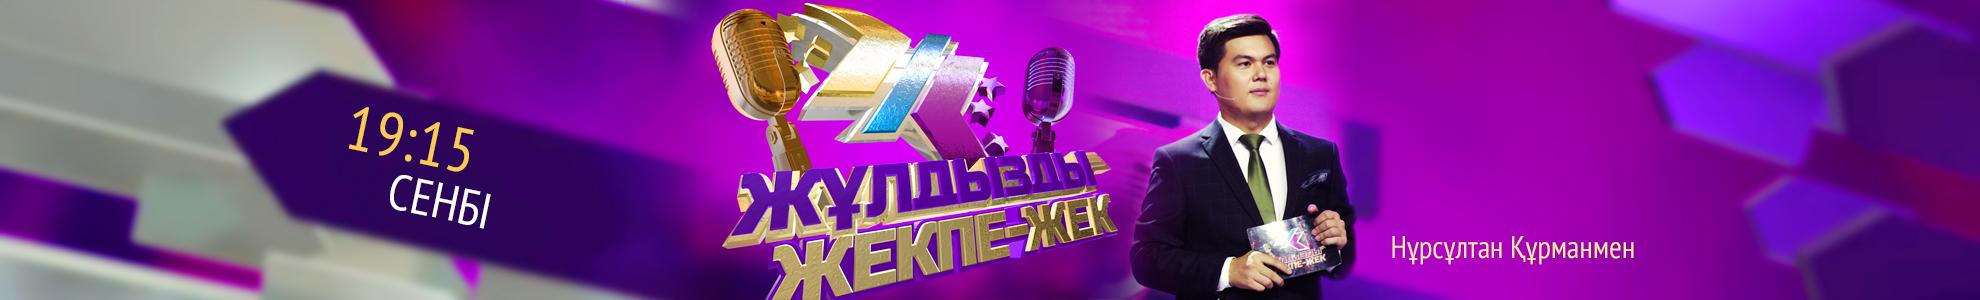 Zhekpe-zhek_glav